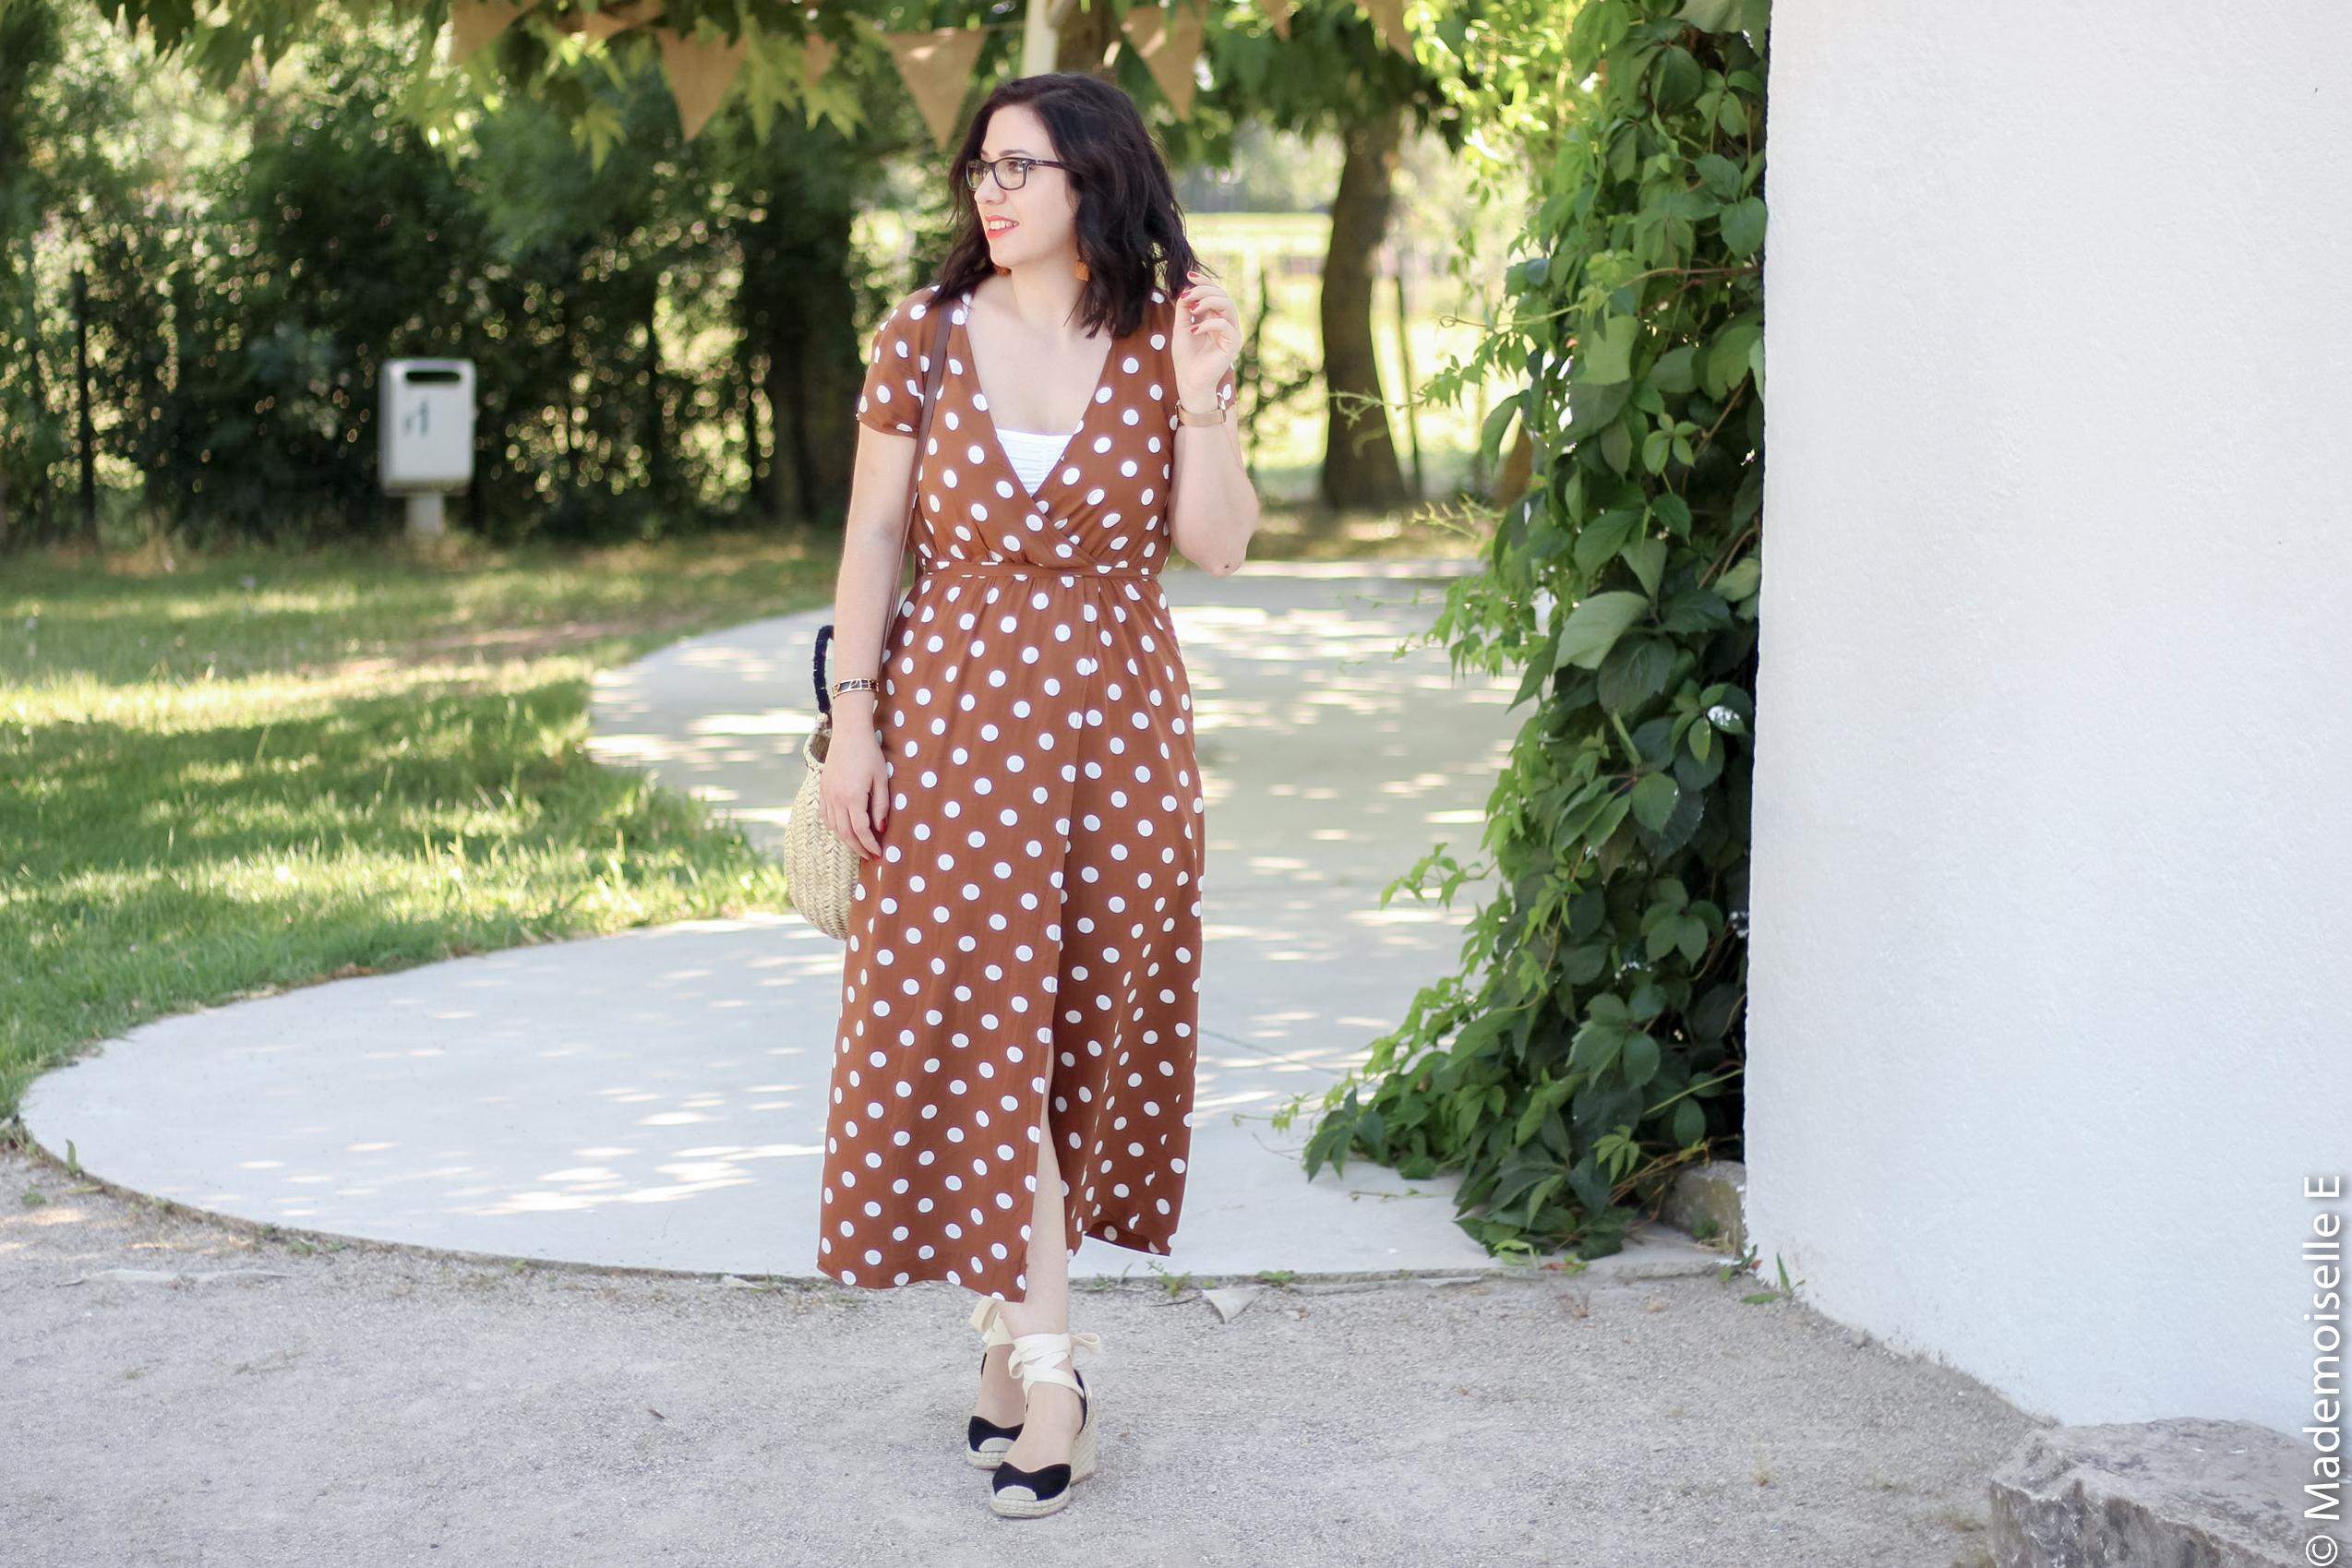 robe longue a pois 11 look été blog mode mademoiselle-e